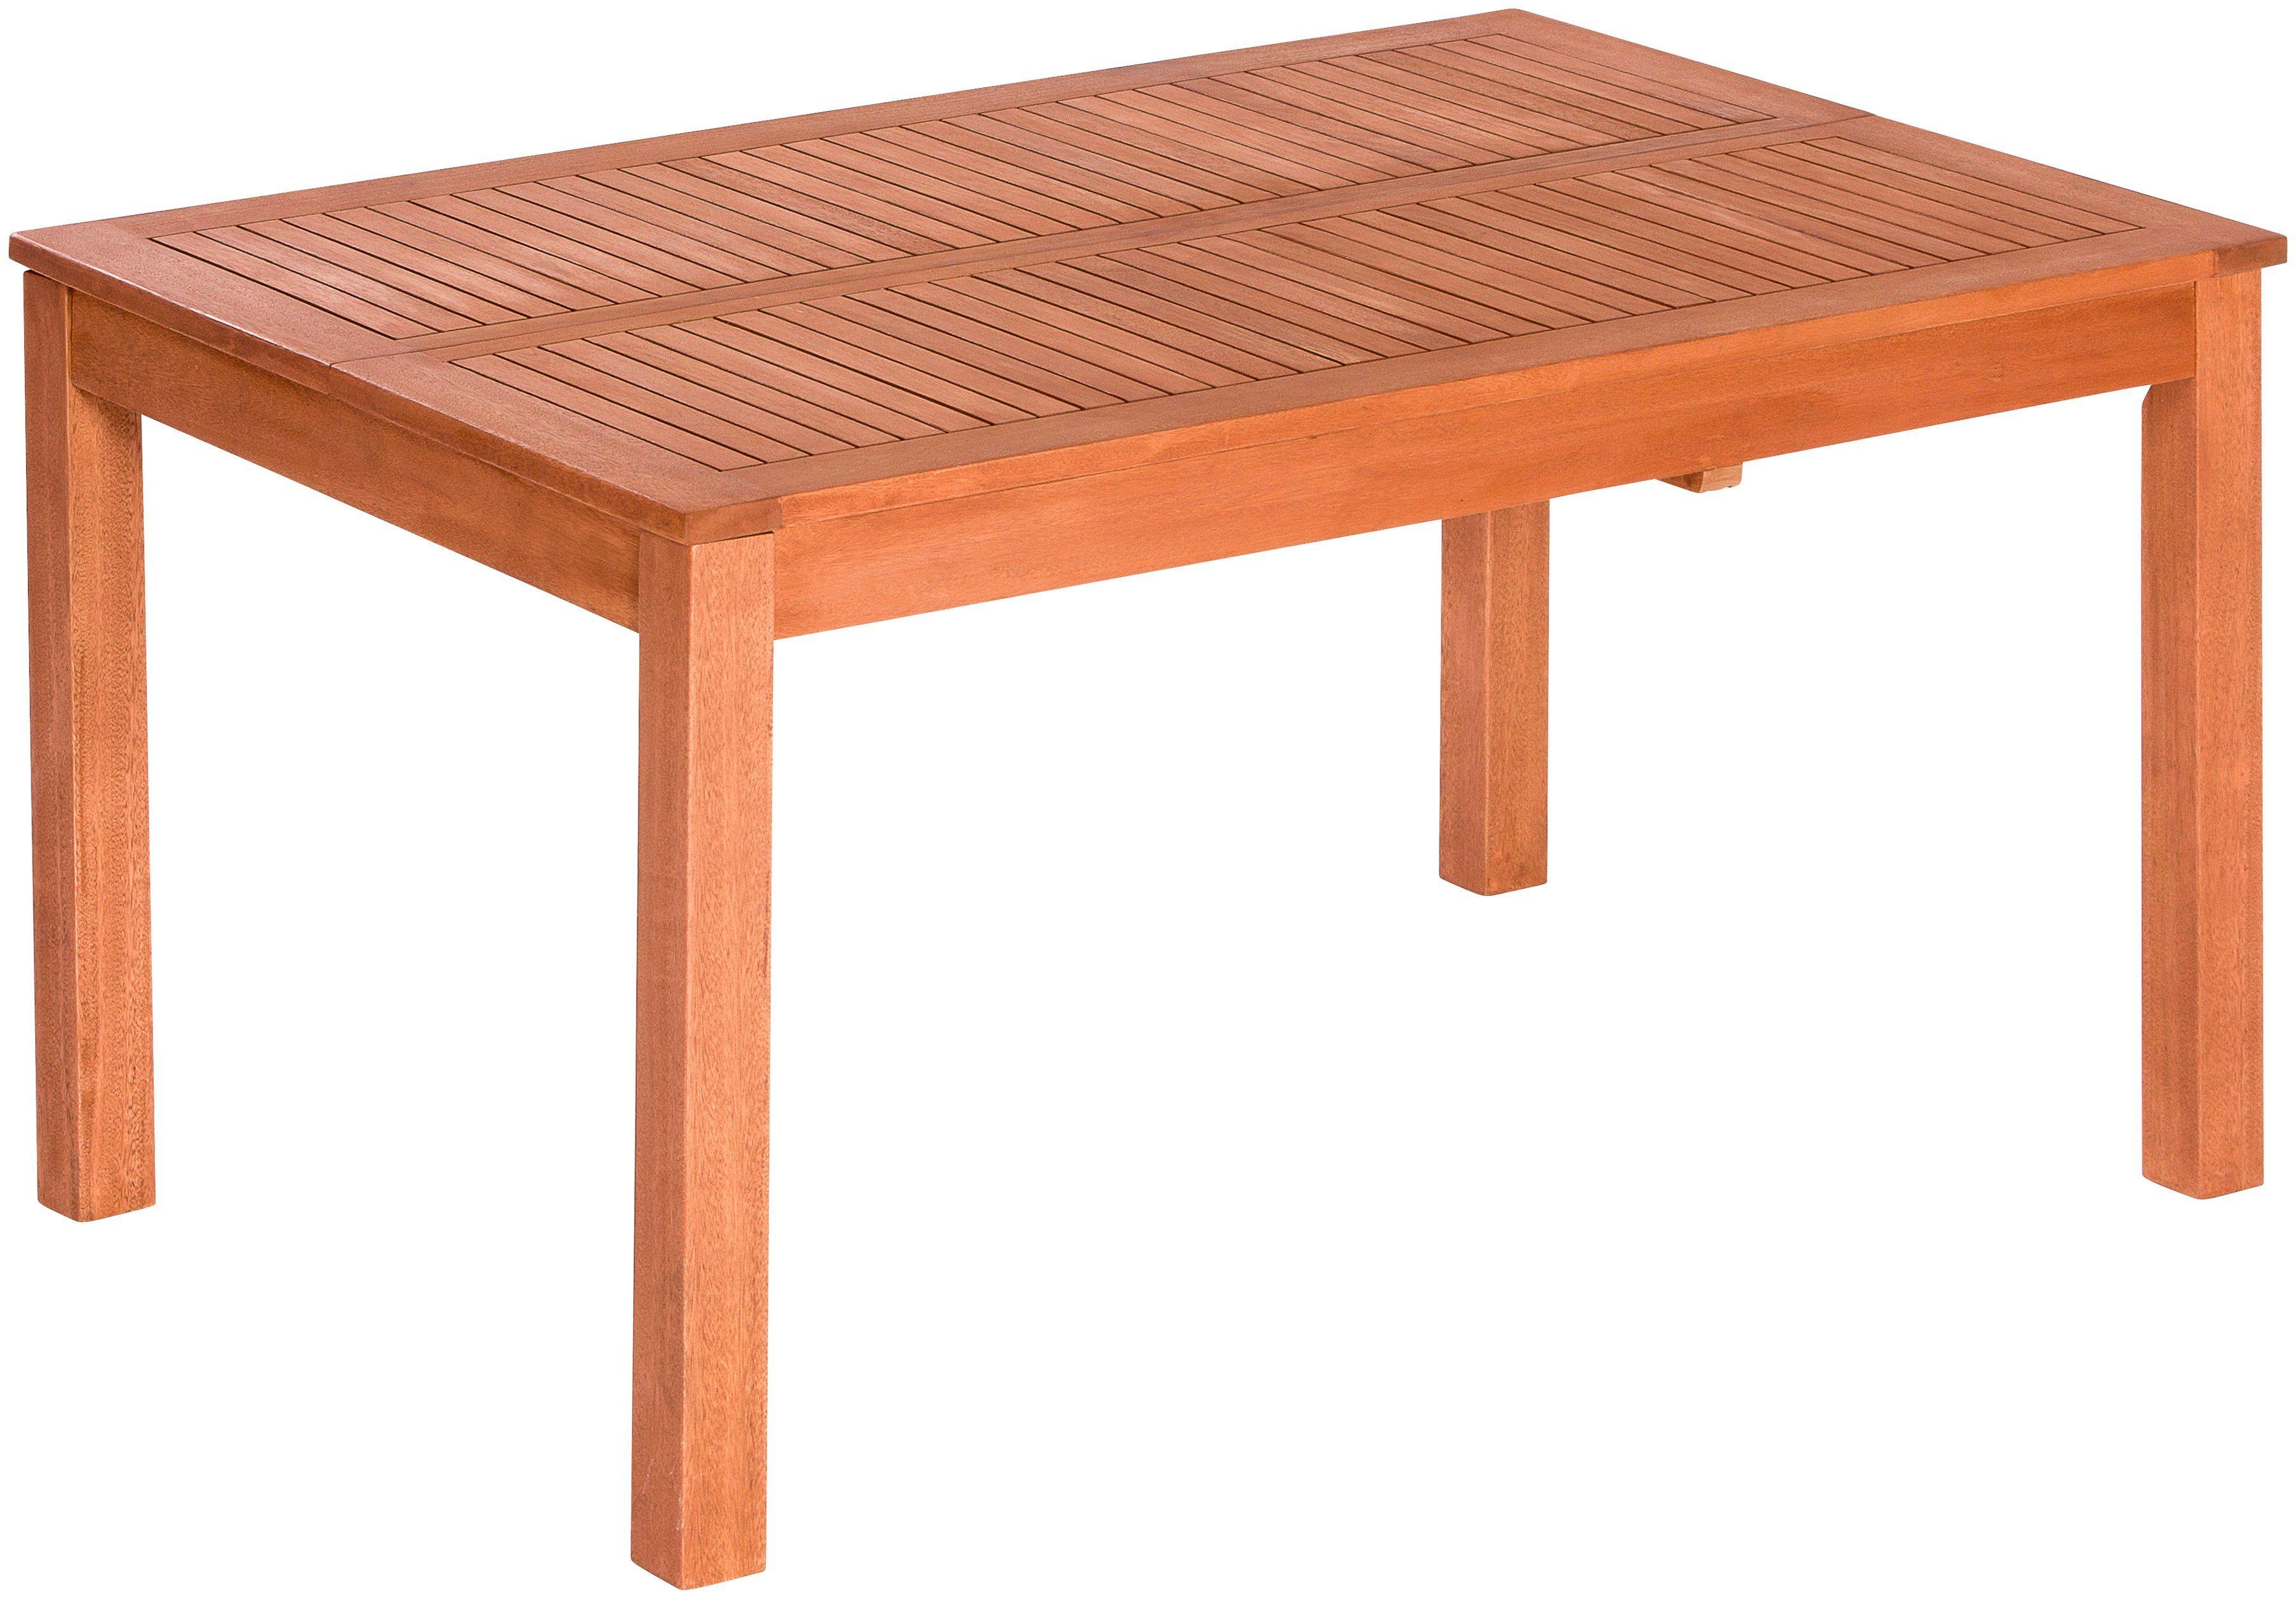 MERXX Gartentisch , Eukalyptus, ausziehbar, 150 x 150 cm, braun   Garten > Gartenmöbel > Gartentische   Akazie   MERXX